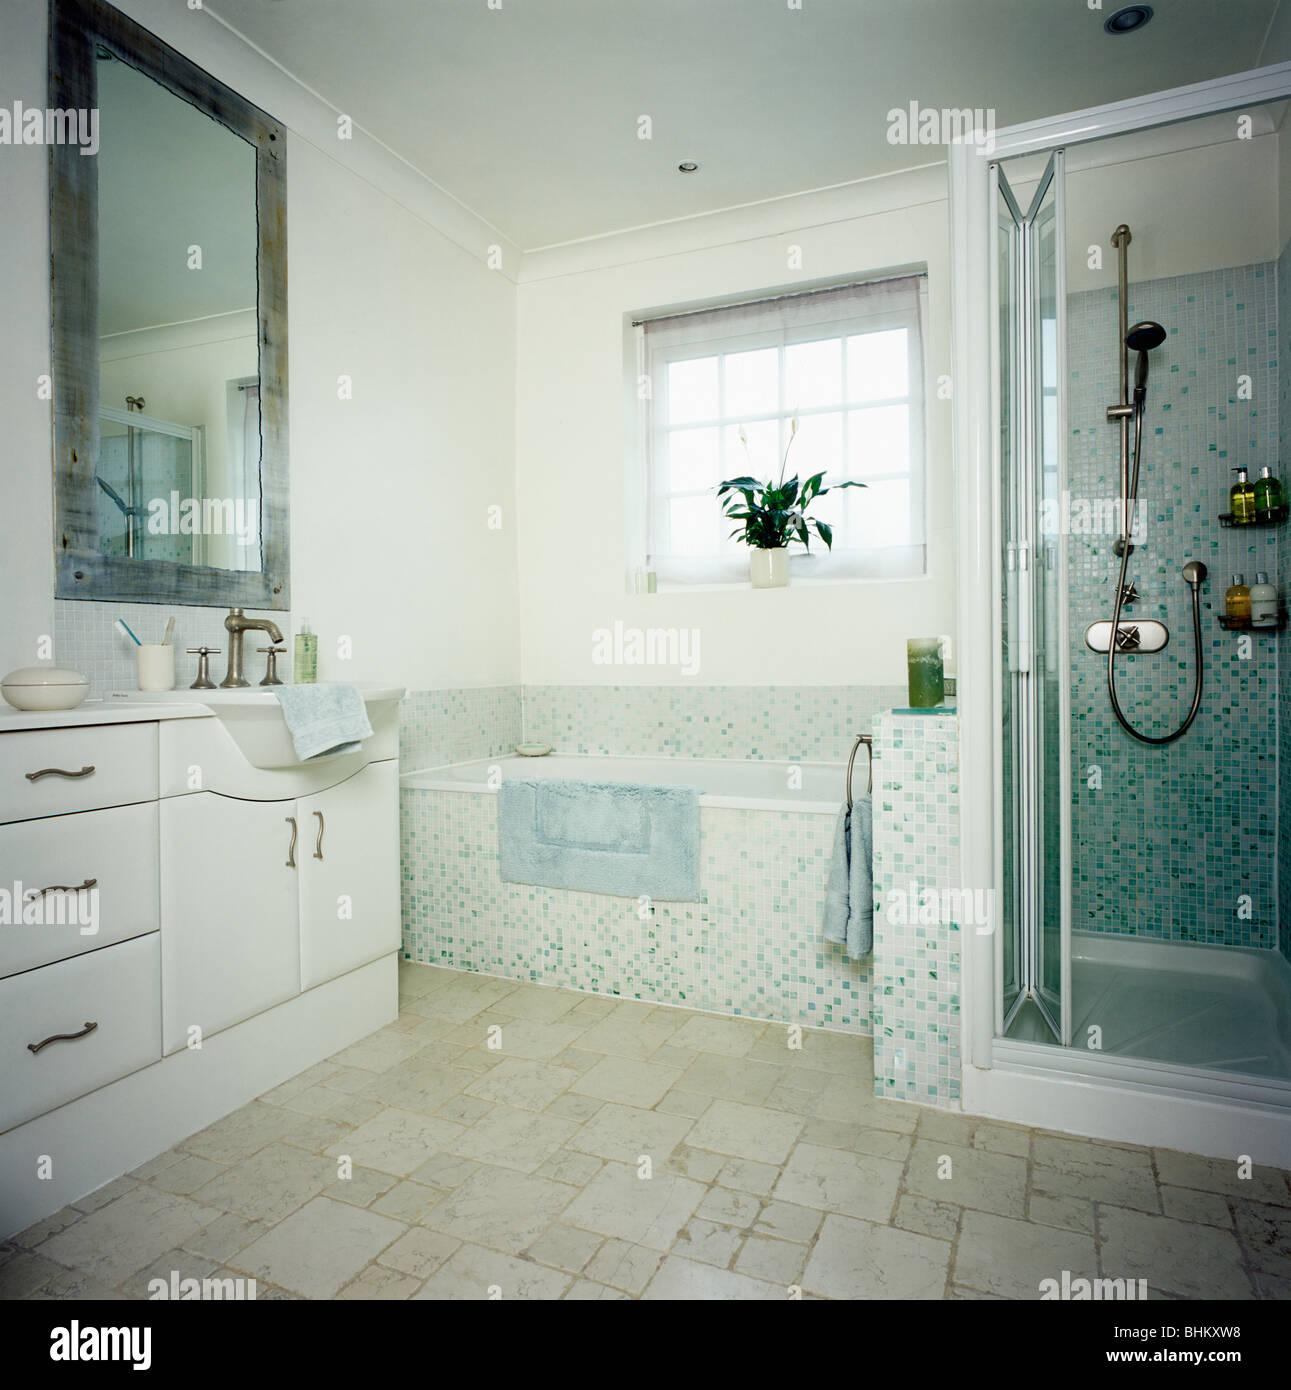 Carrelage Salle De Bain Avec Mosaique baignoire en mosaïque en blanc moderne salle de bains avec